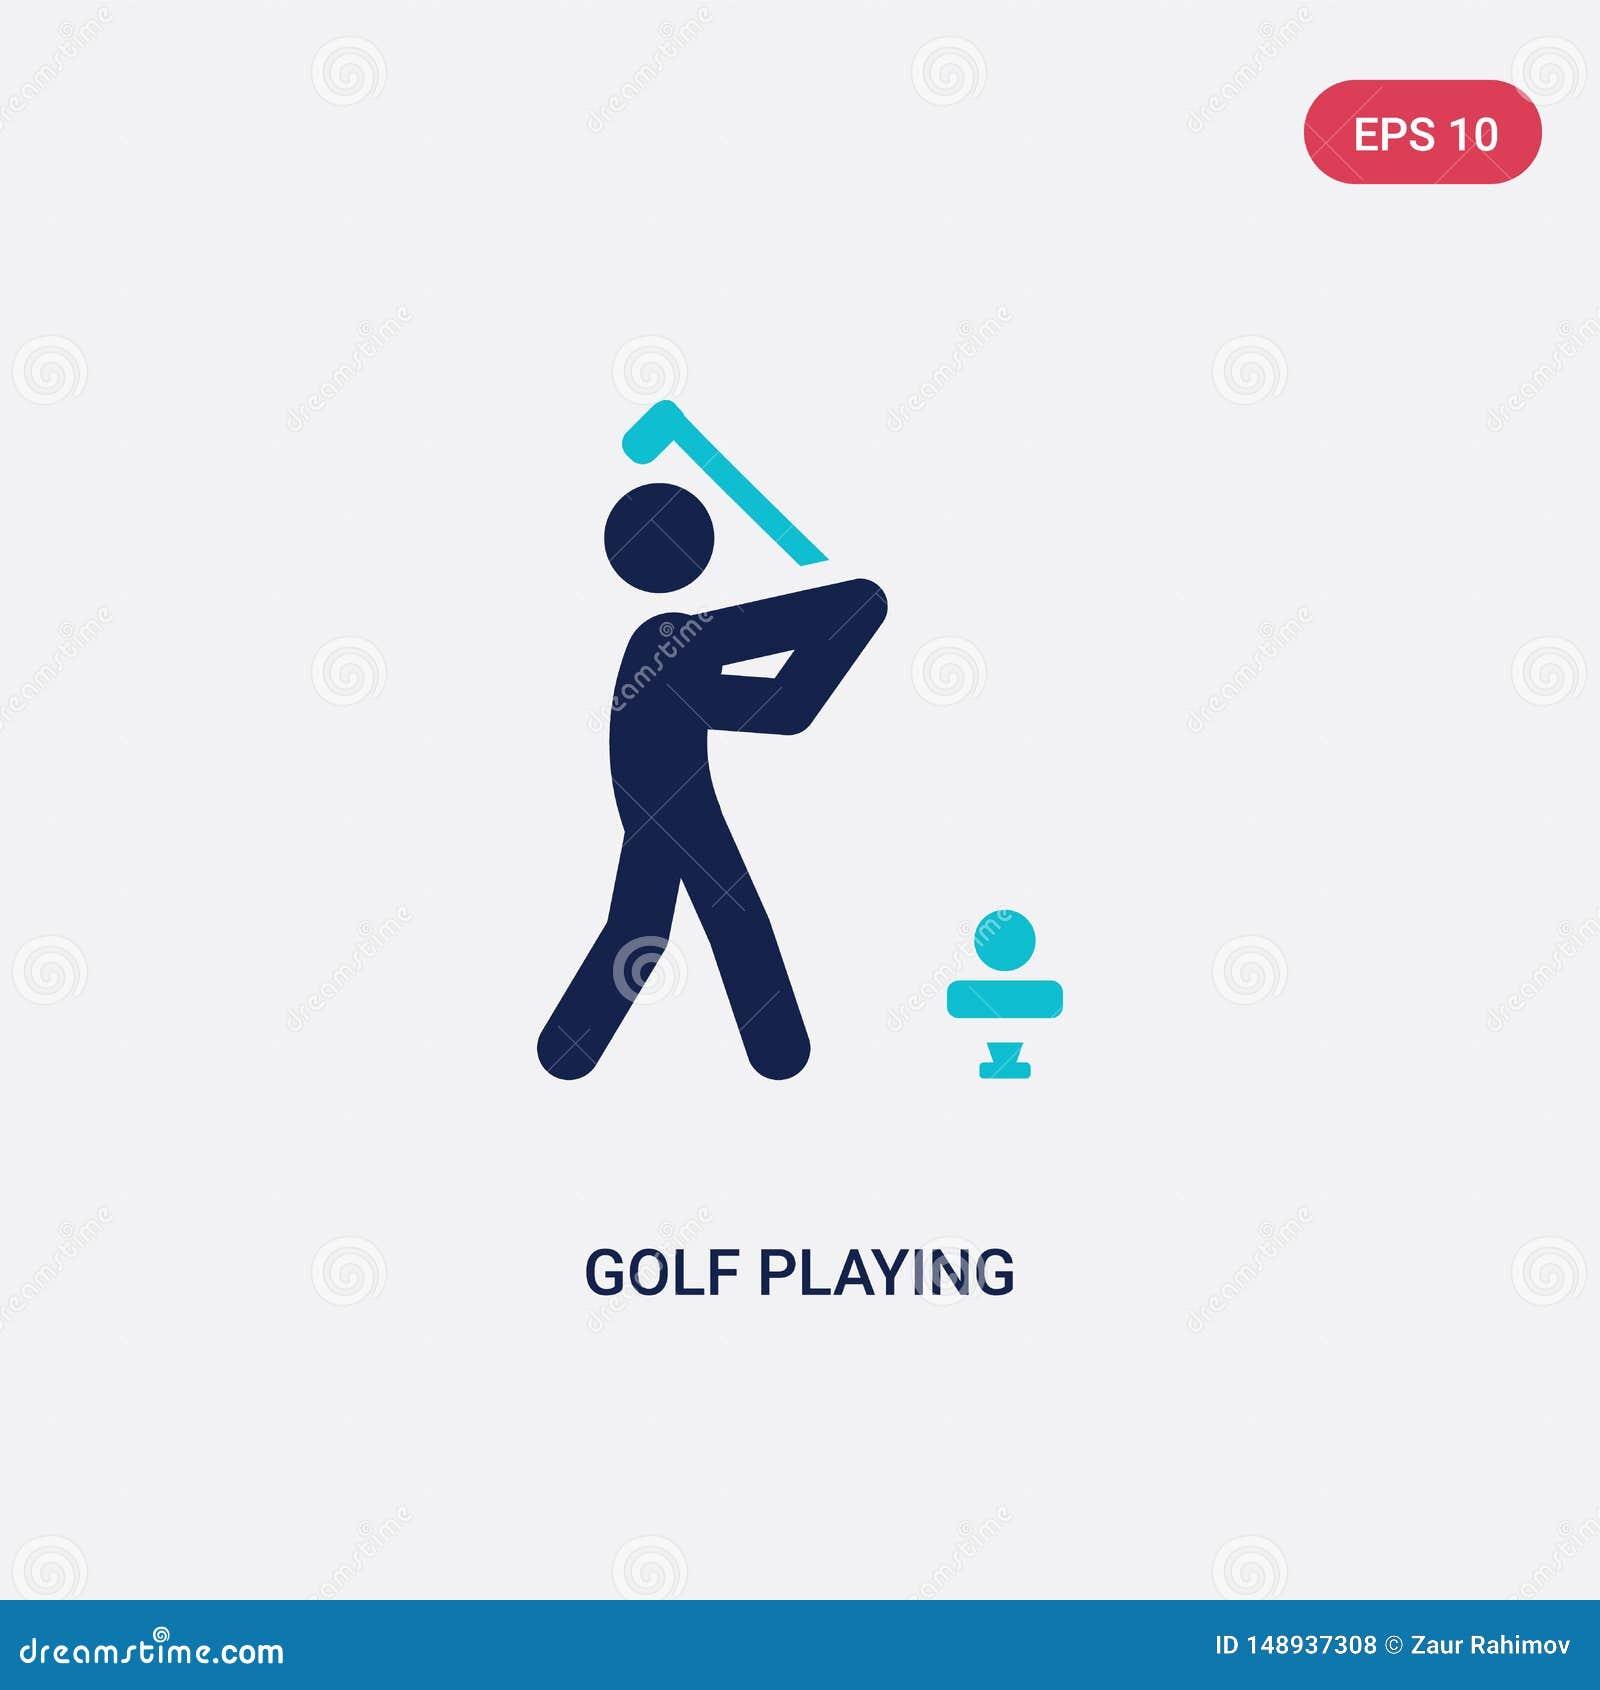 γκολφ δύο χρώματος που παίζει το διανυσματικό εικονίδιο από τη δραστηριότητα και την έννοια χόμπι το απομονωμένο μπλε γκολφ που π